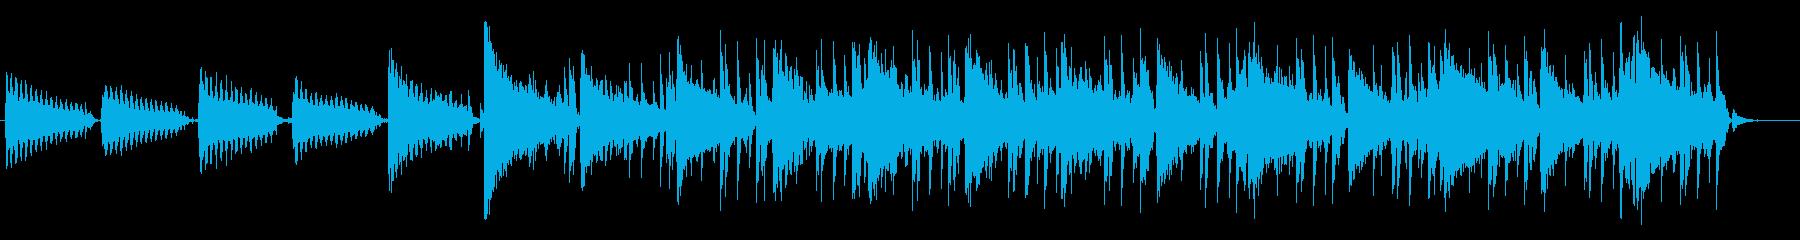 古い印象のヒップホップBGM#01の再生済みの波形